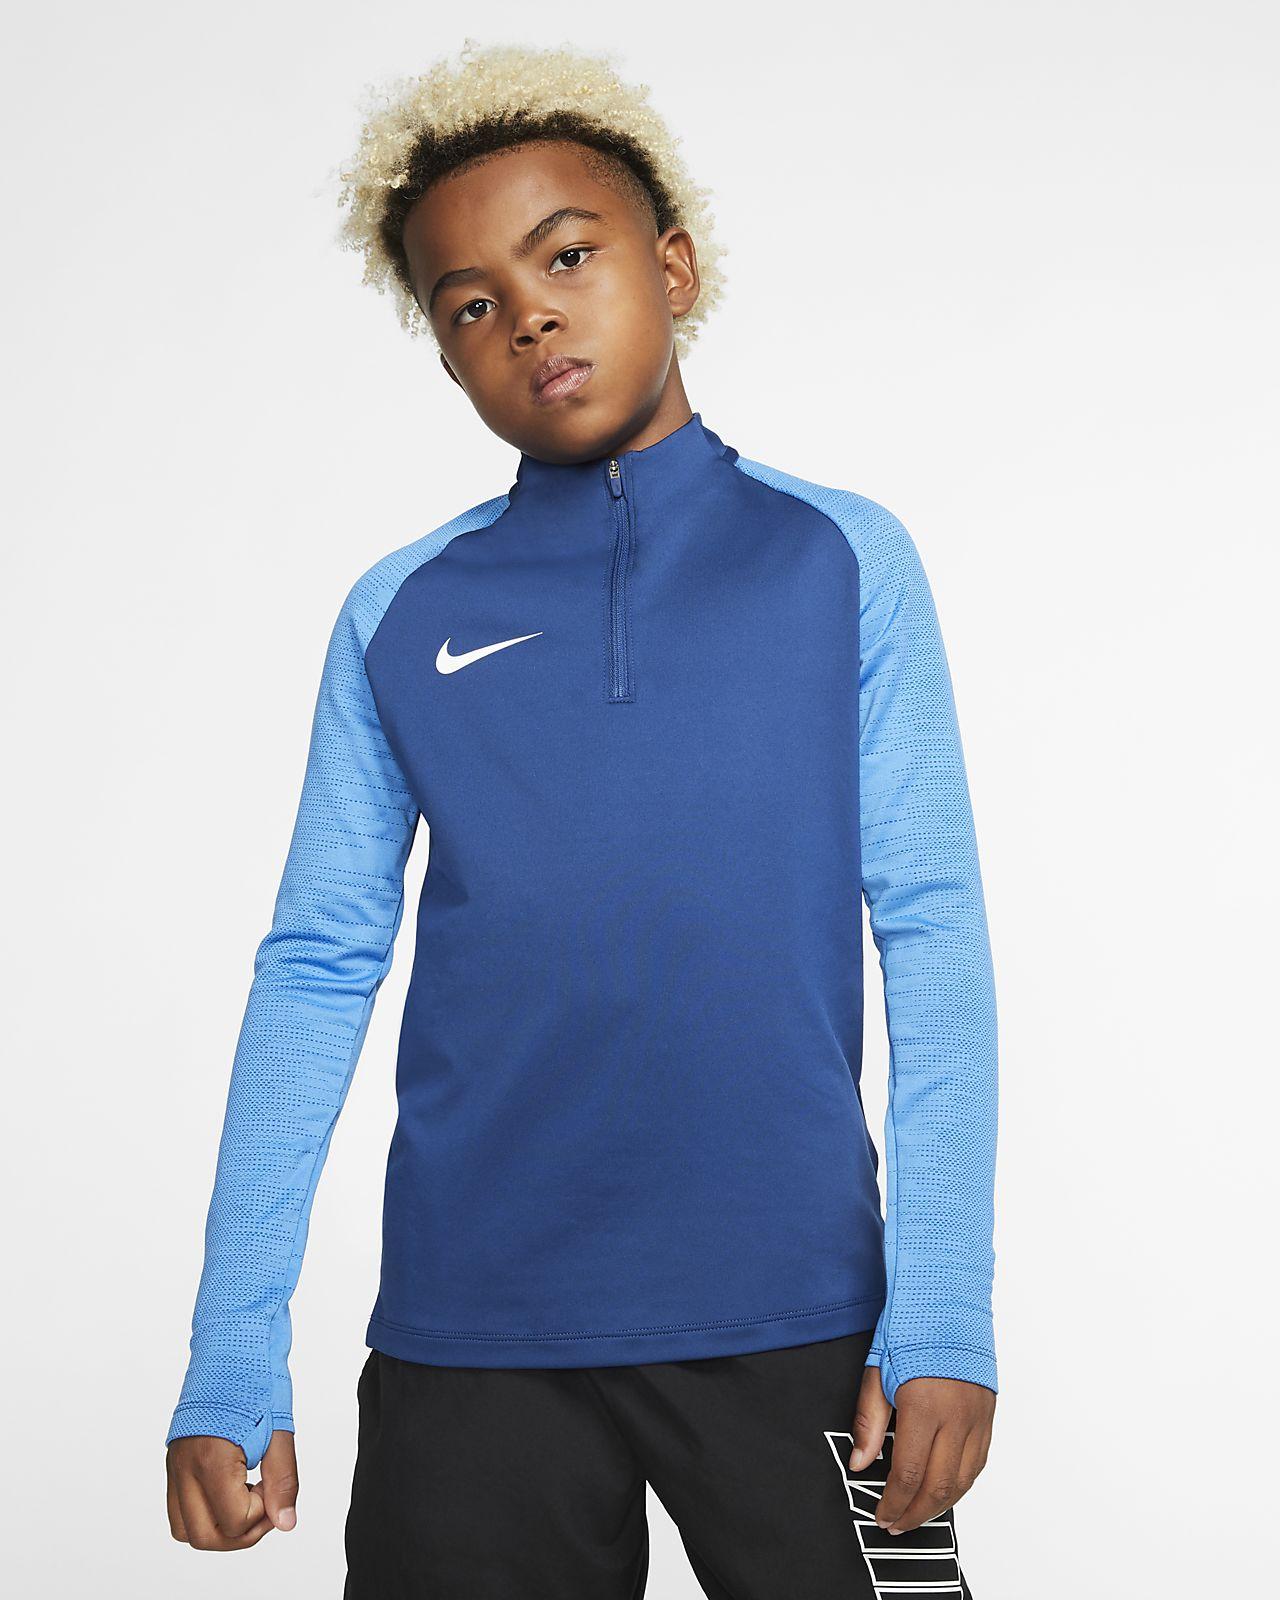 Ποδοσφαιρική μπλούζα προπόνησης Nike Dri-FIT Strike για μεγάλα παιδιά